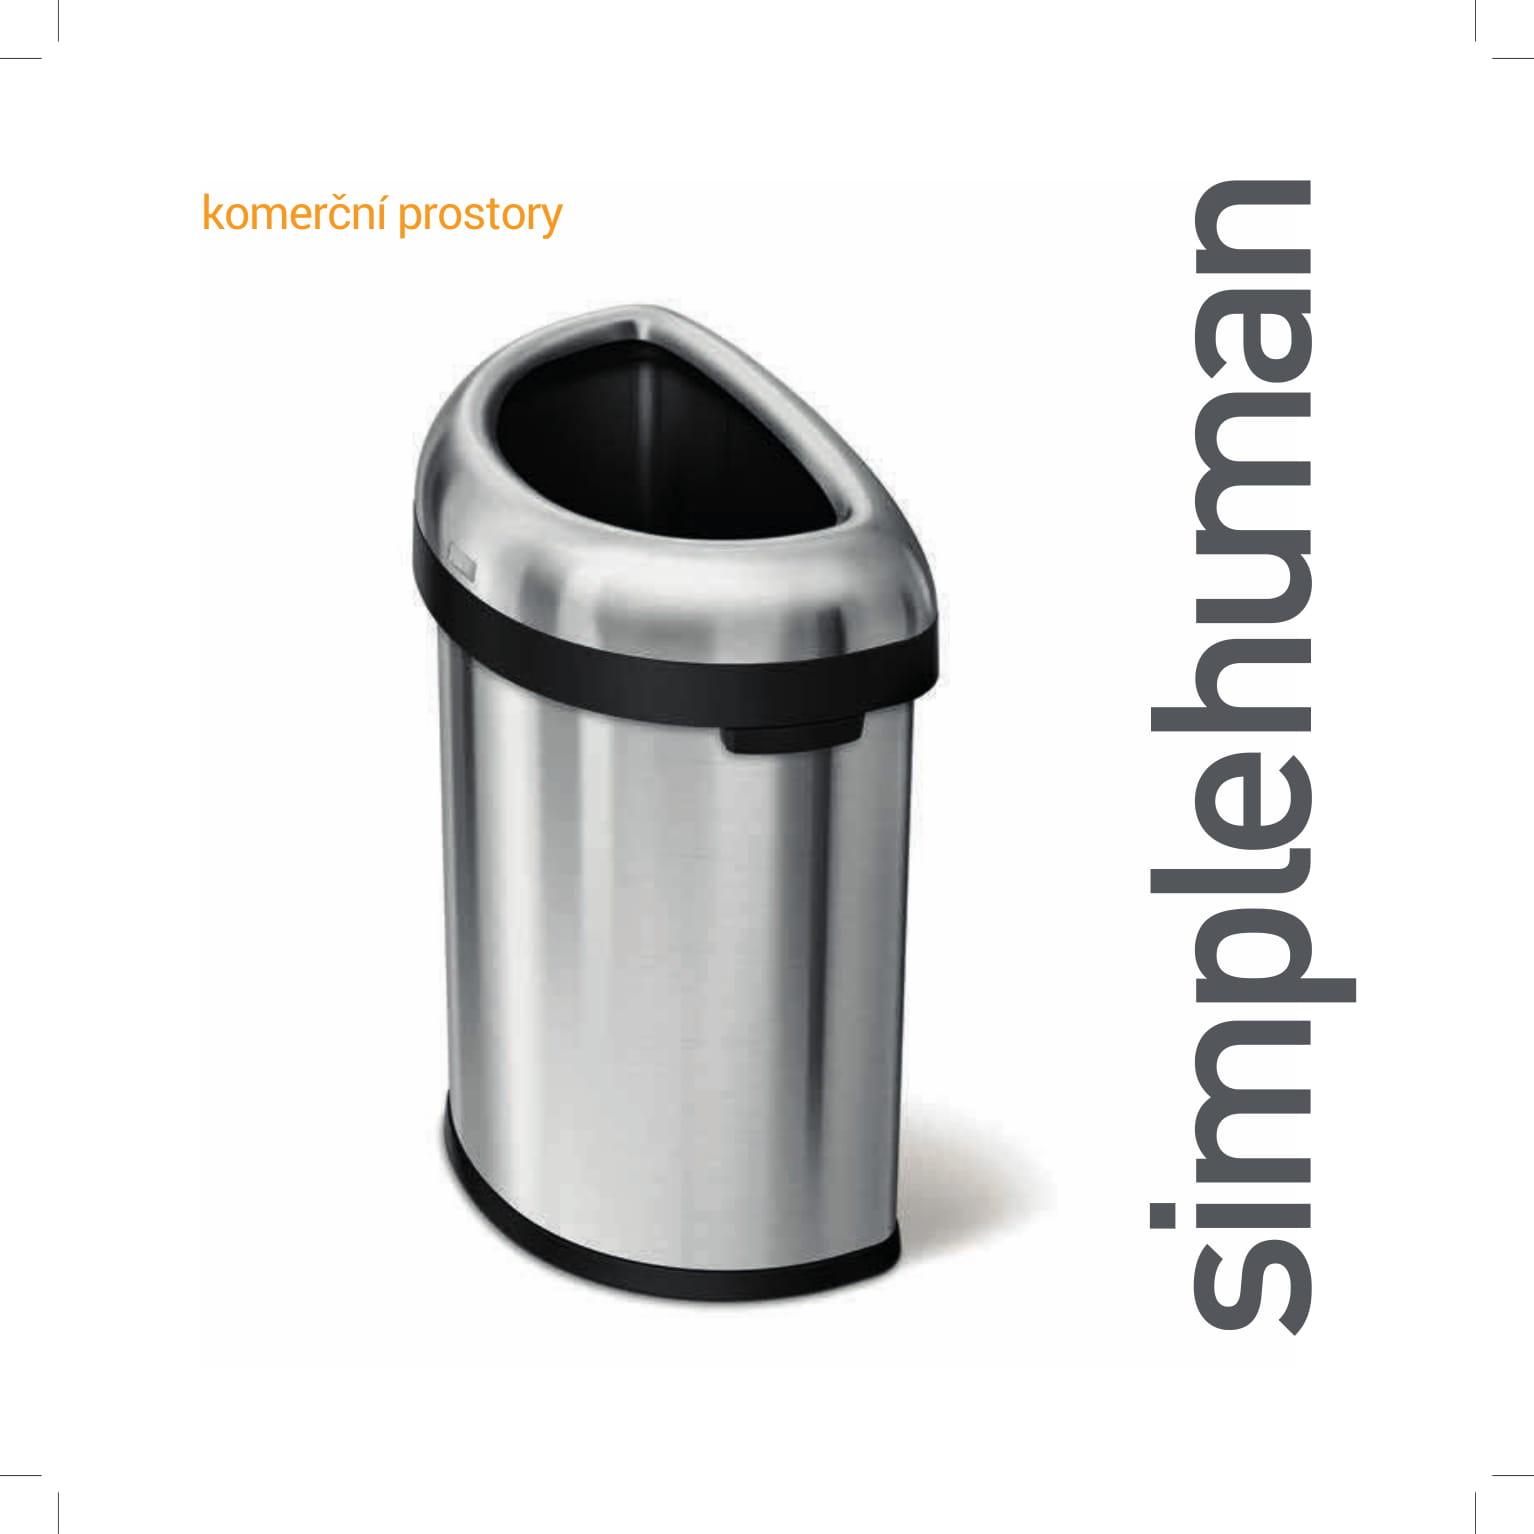 SIMPLEHUMAN - koše pro komerční využití 2018